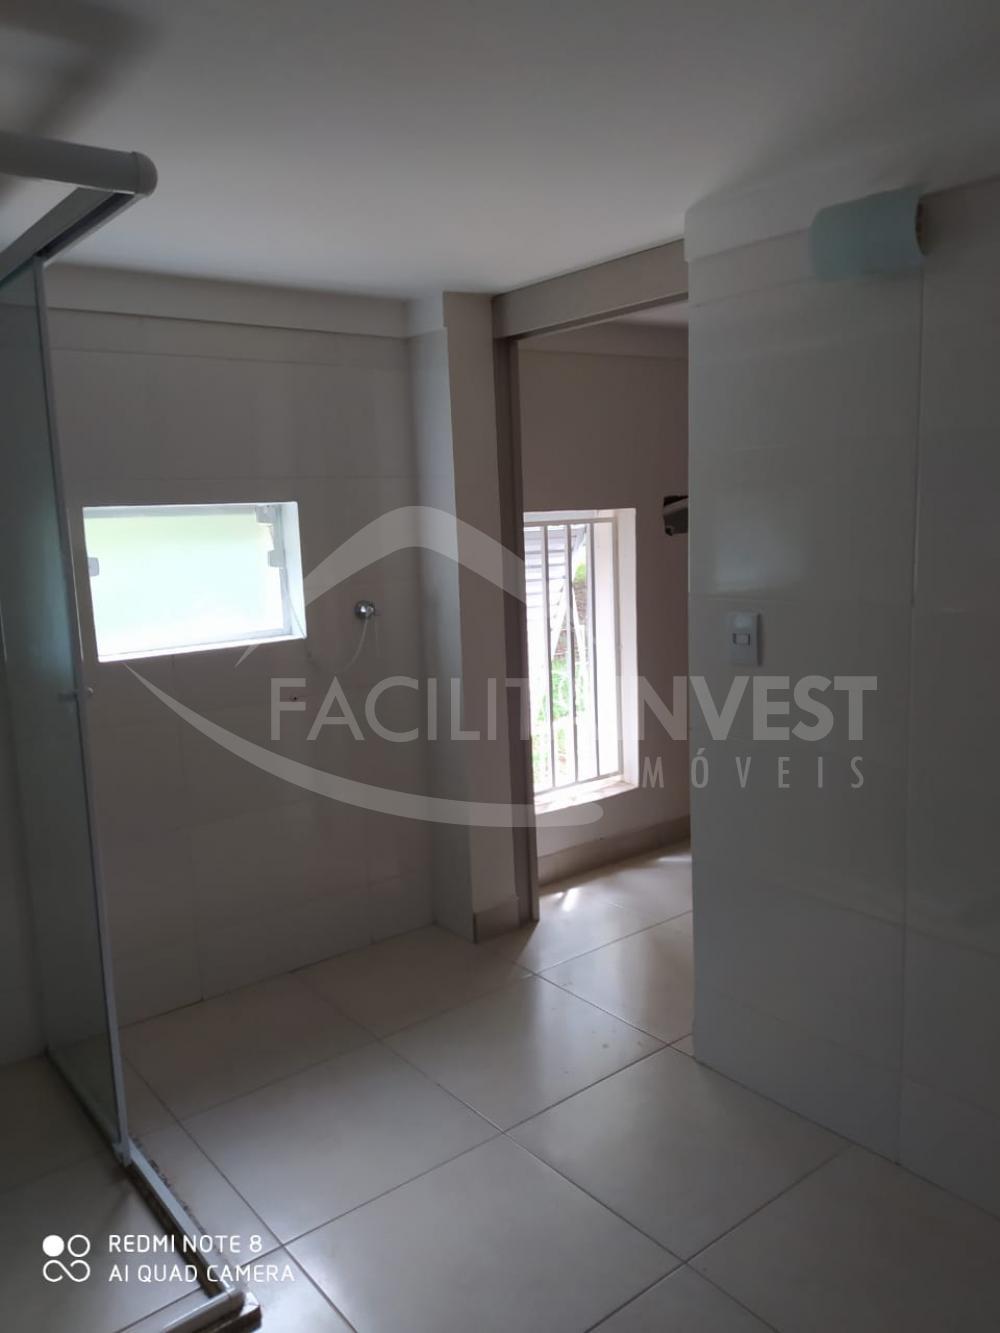 Alugar Apartamentos / Apart. Padrão em Ribeirão Preto apenas R$ 1.900,00 - Foto 25